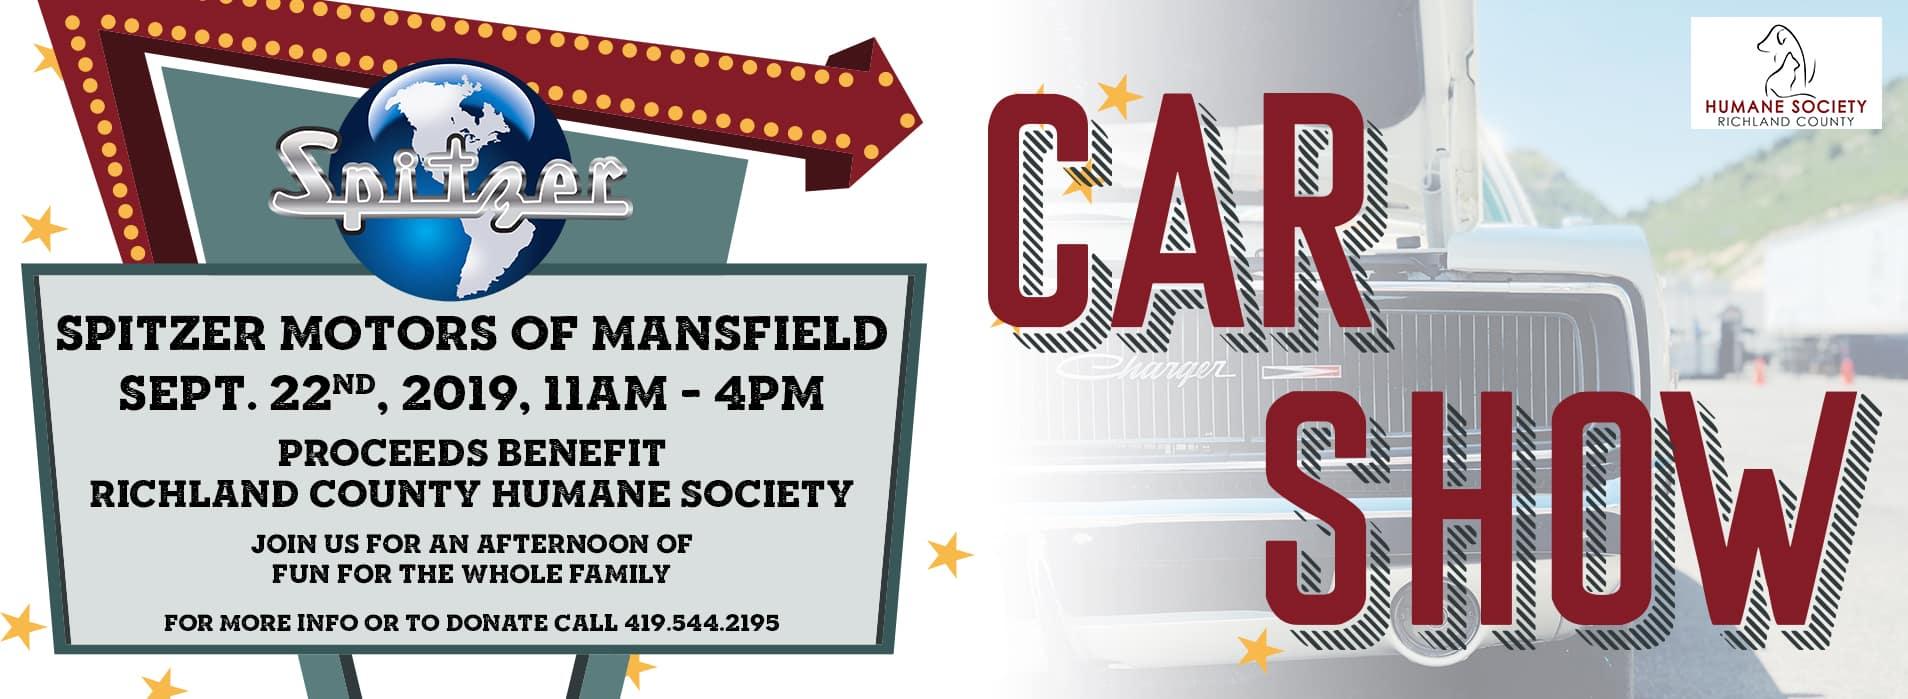 Mansfield Car Show   Sept 22, 2019